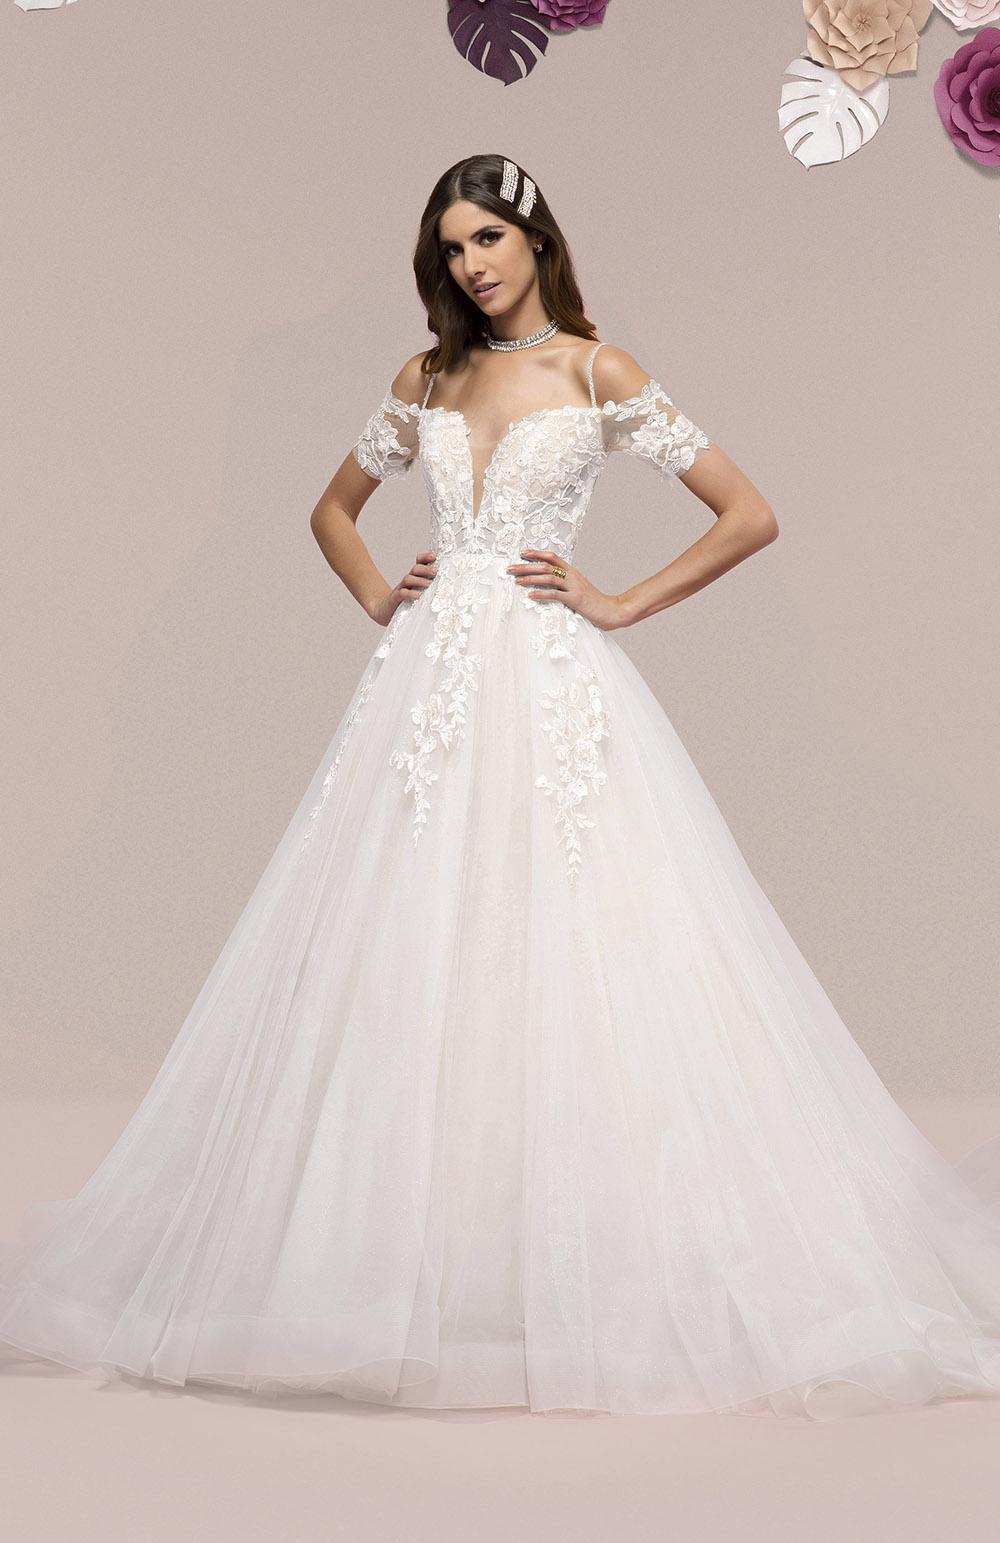 Robe de mariée Modèle Victoria